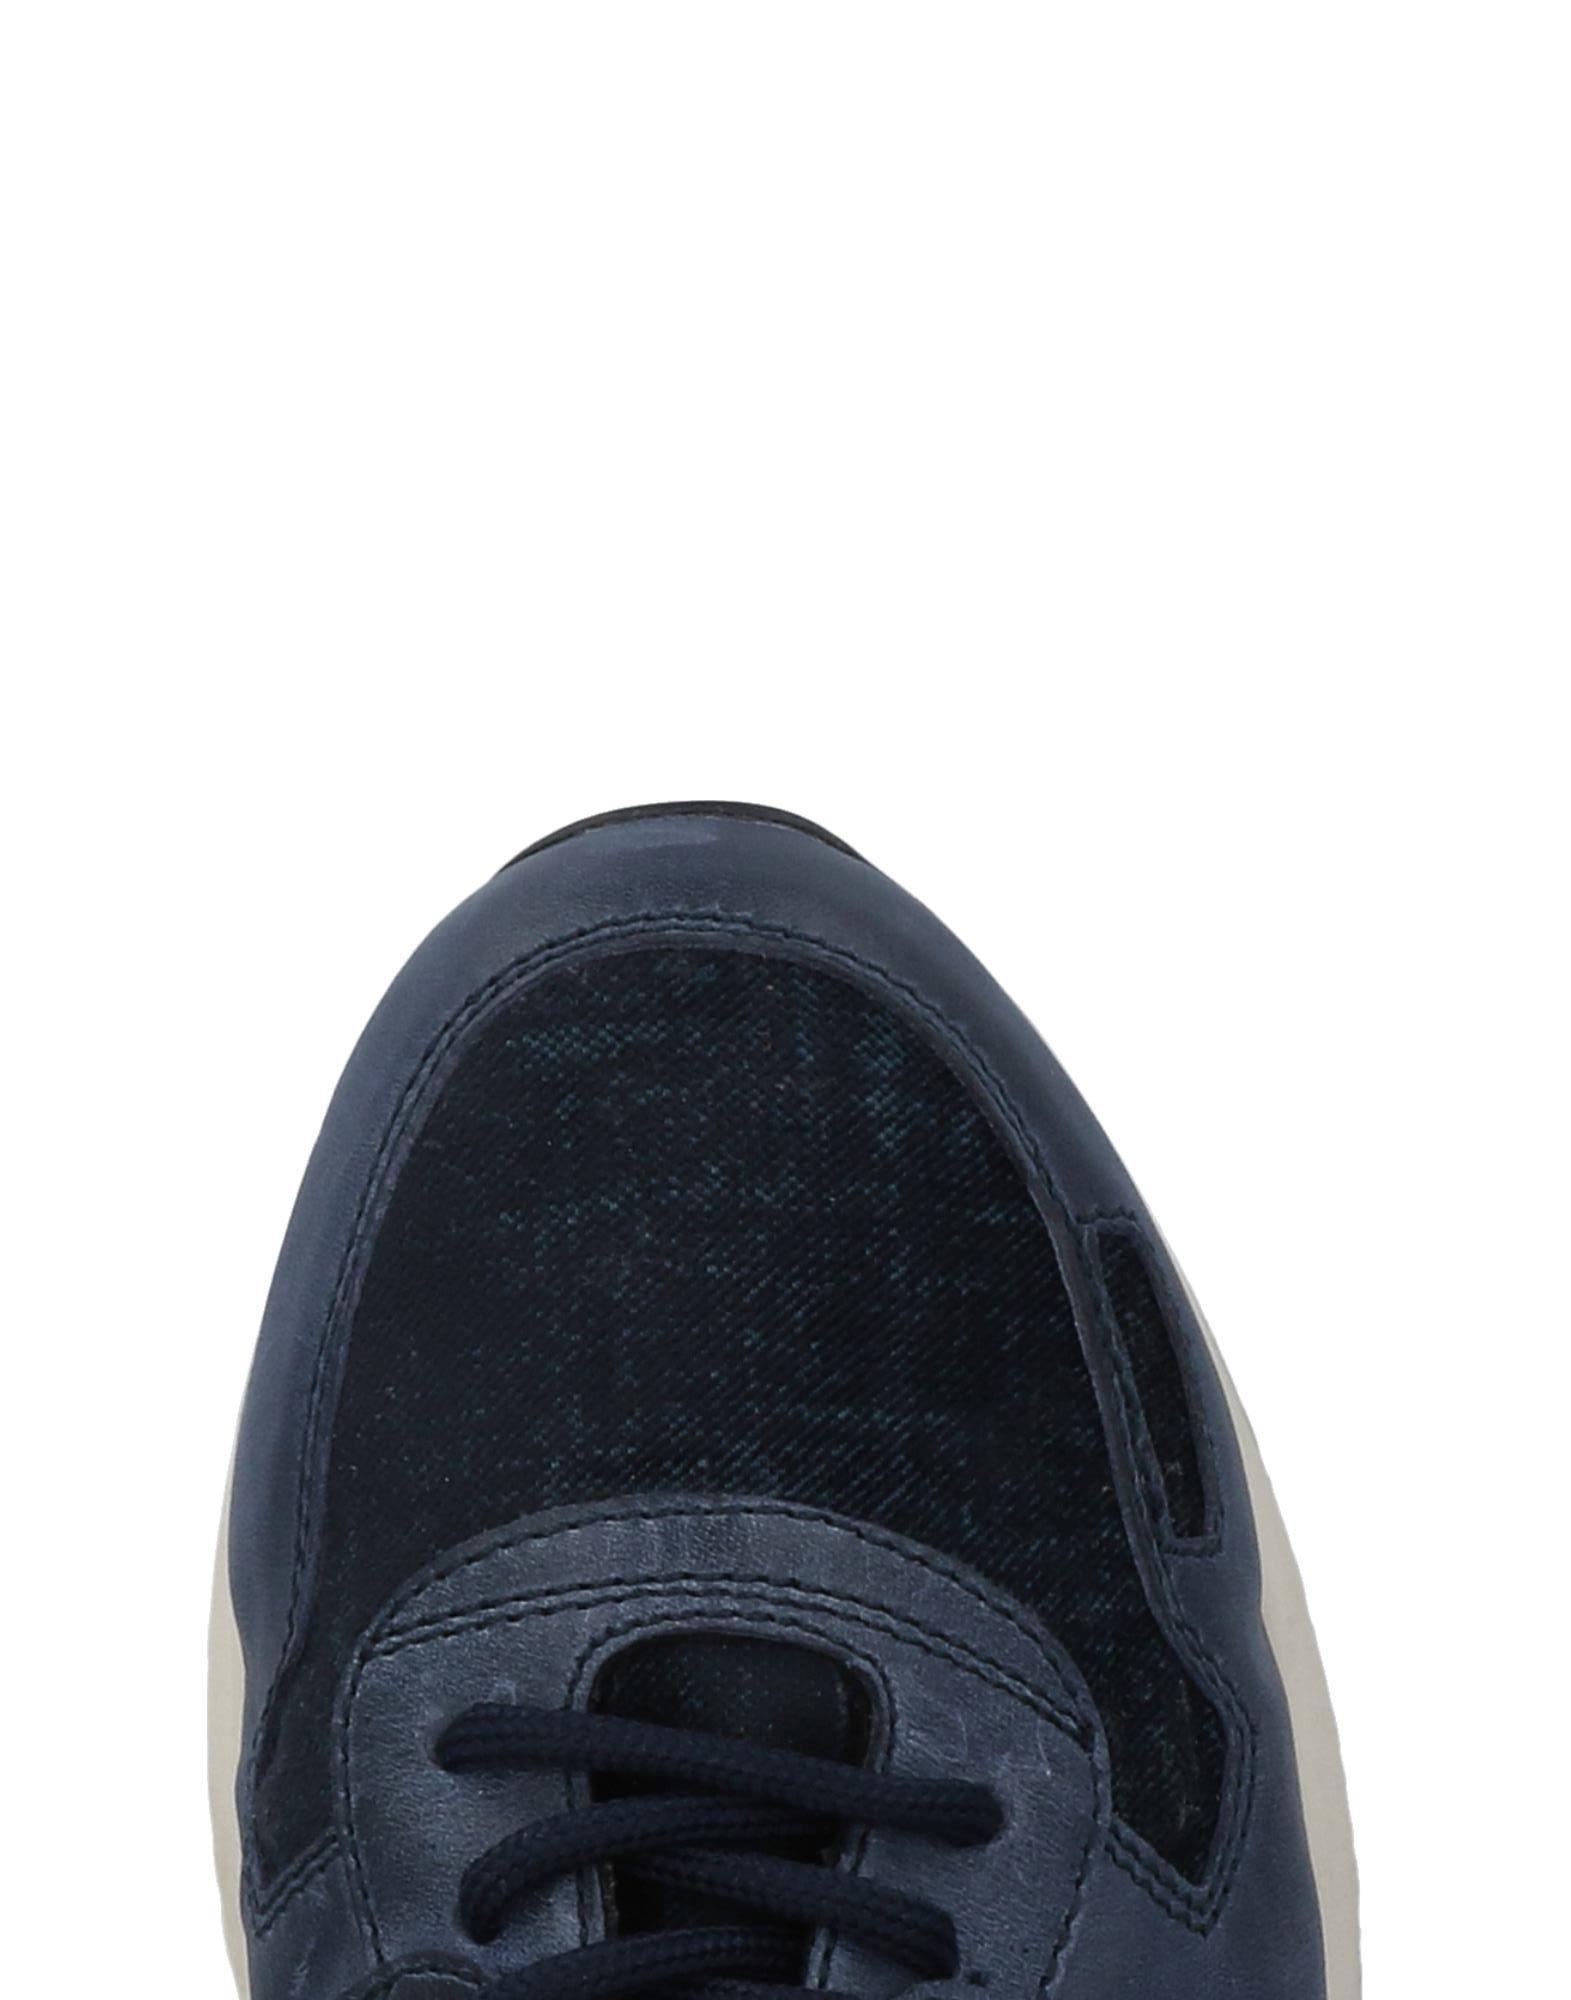 Primabase Sneakers Gutes Herren Gutes Sneakers Preis-Leistungs-Verhältnis, es lohnt sich 7bc94d